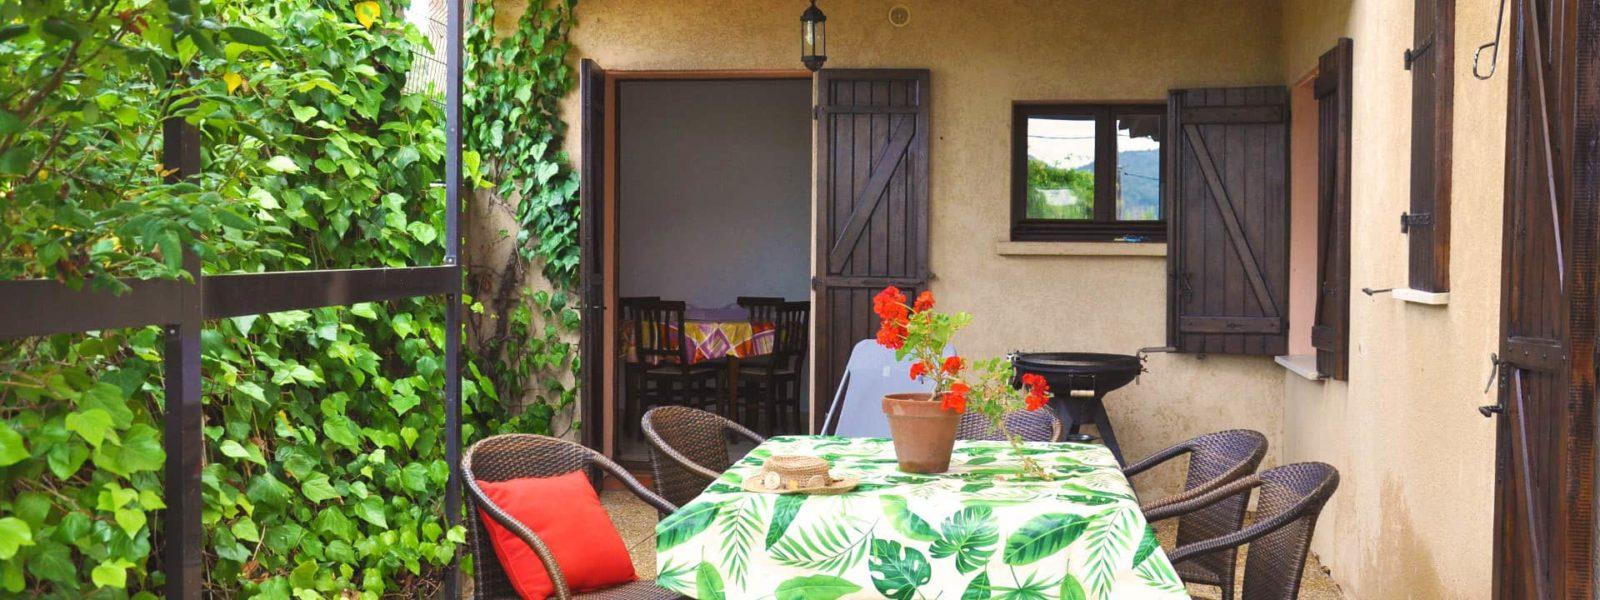 Location appartement pour 4 en Corse du Sud - Le Lierre, Casa Favalella